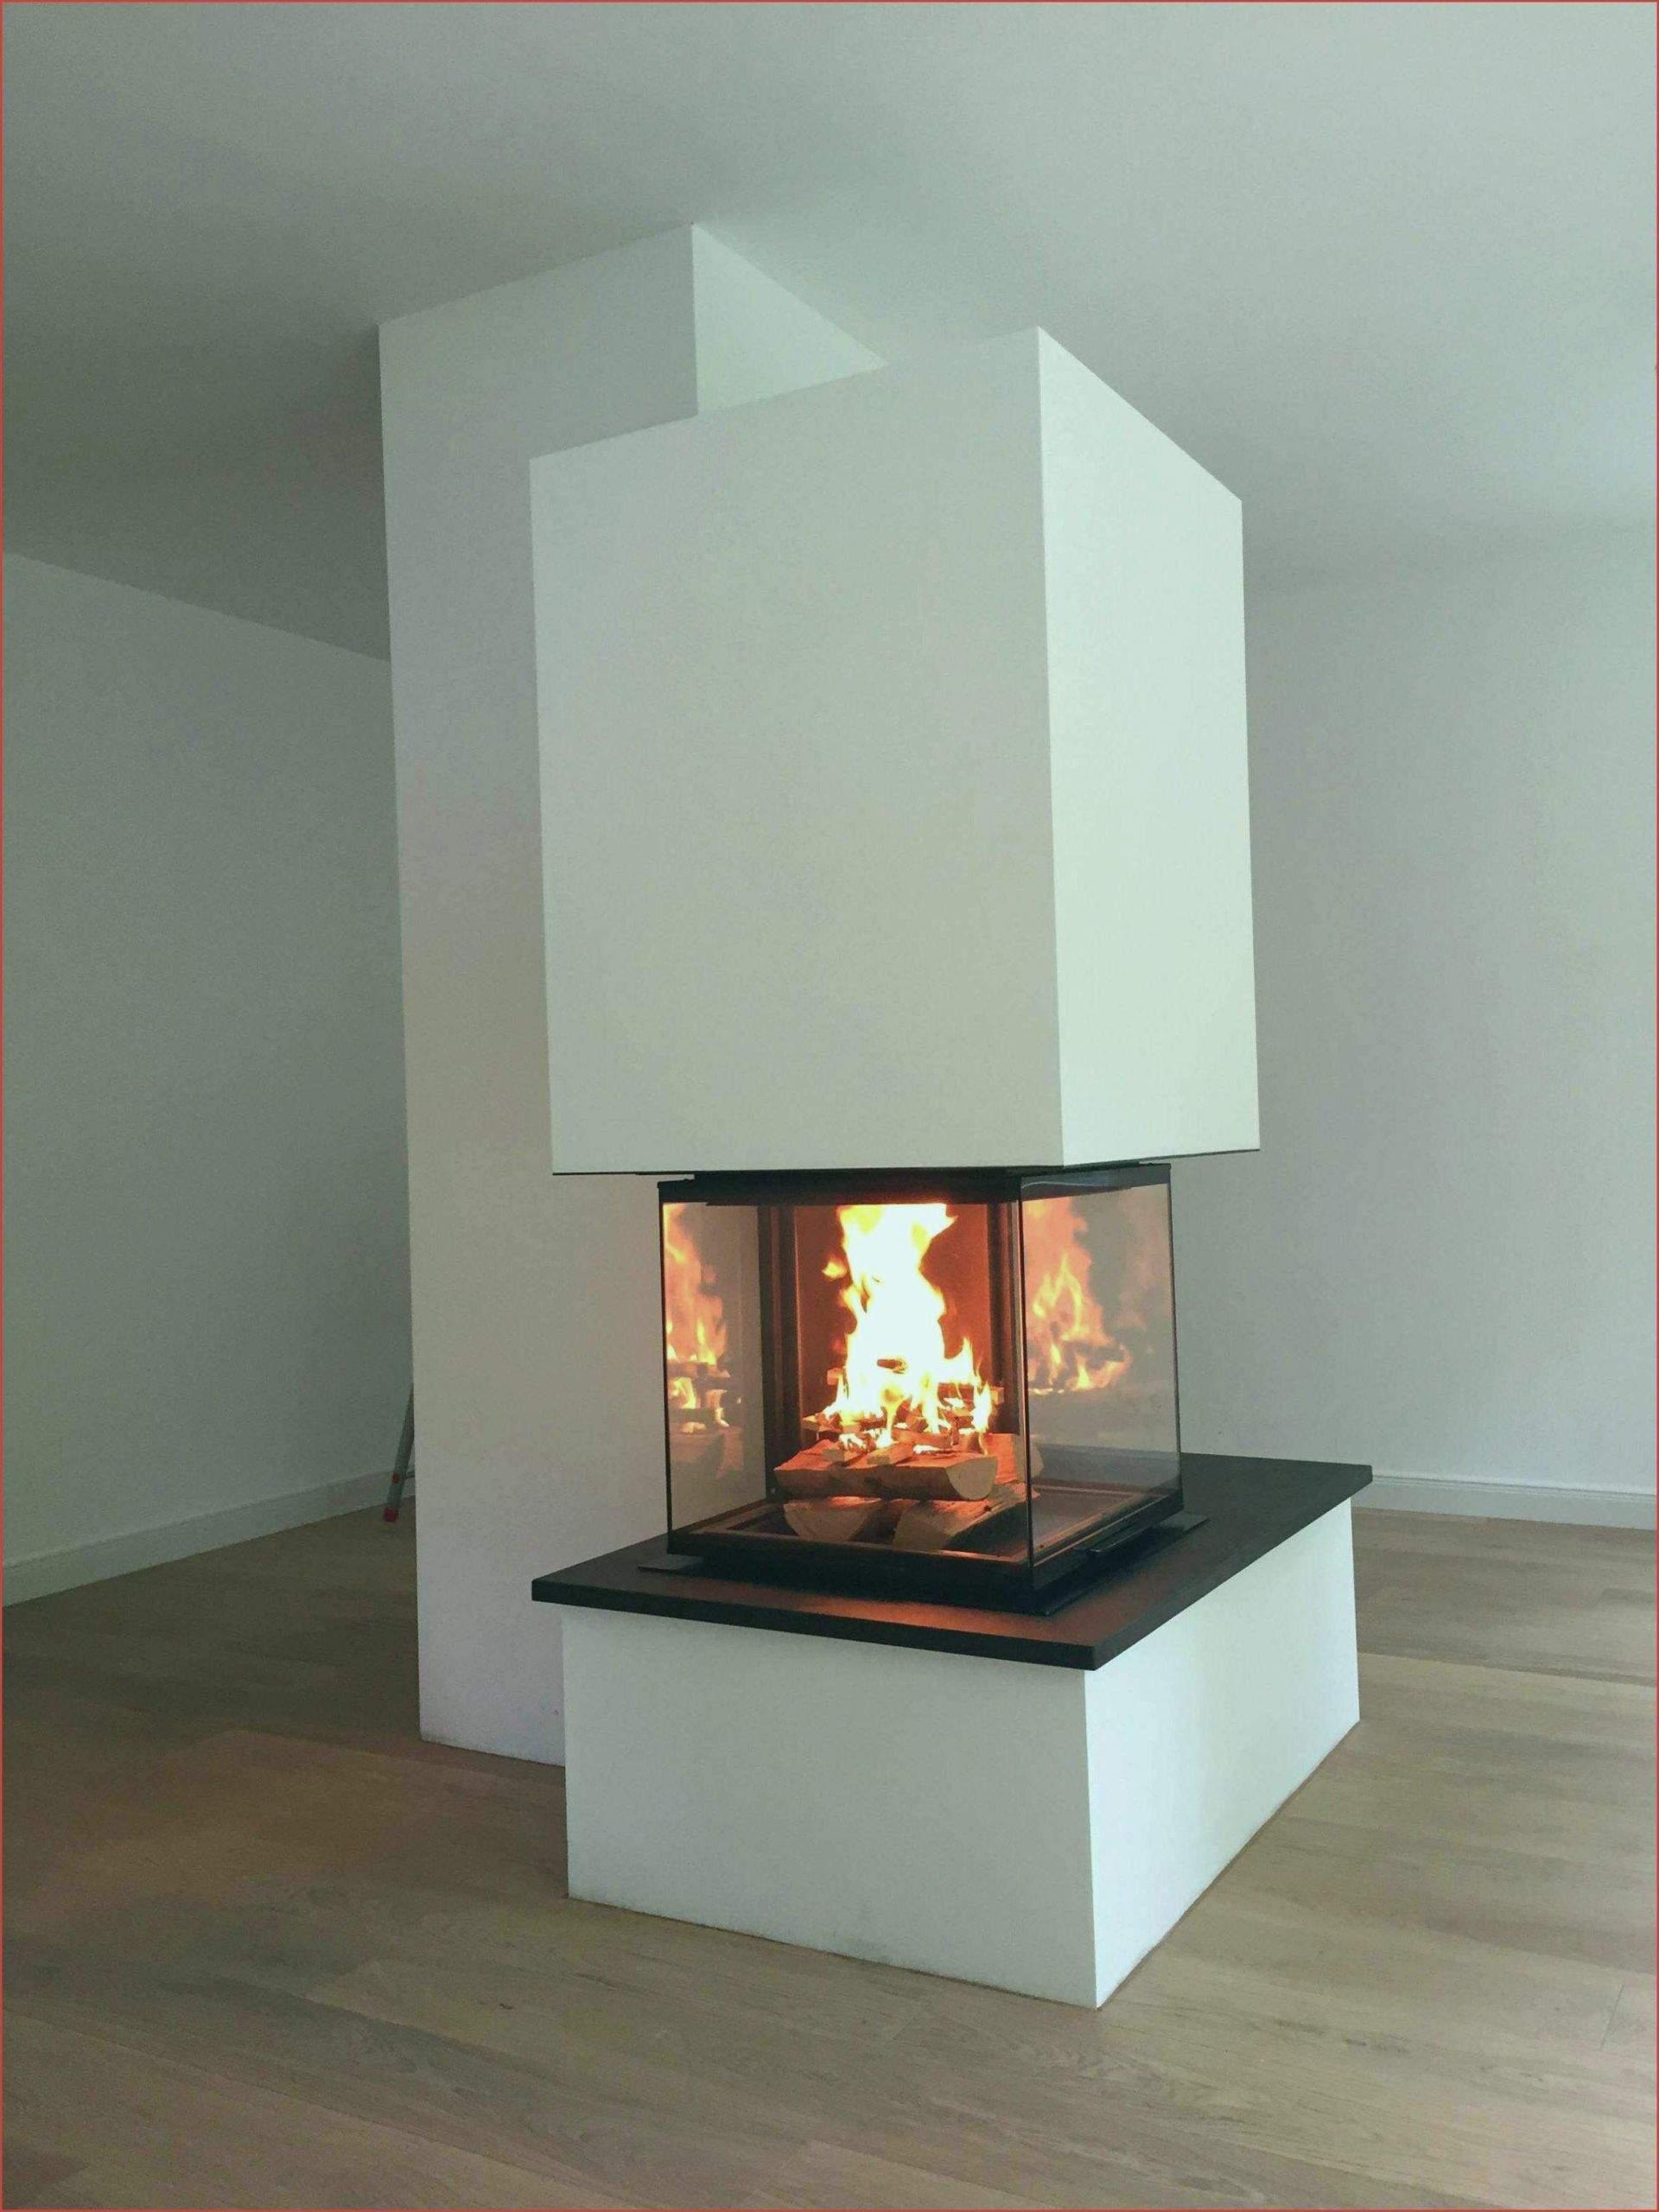 wohnzimmer kamin reizend gel kamine mit ethanol elegant tischkamin ethanol luxus of wohnzimmer kamin scaled